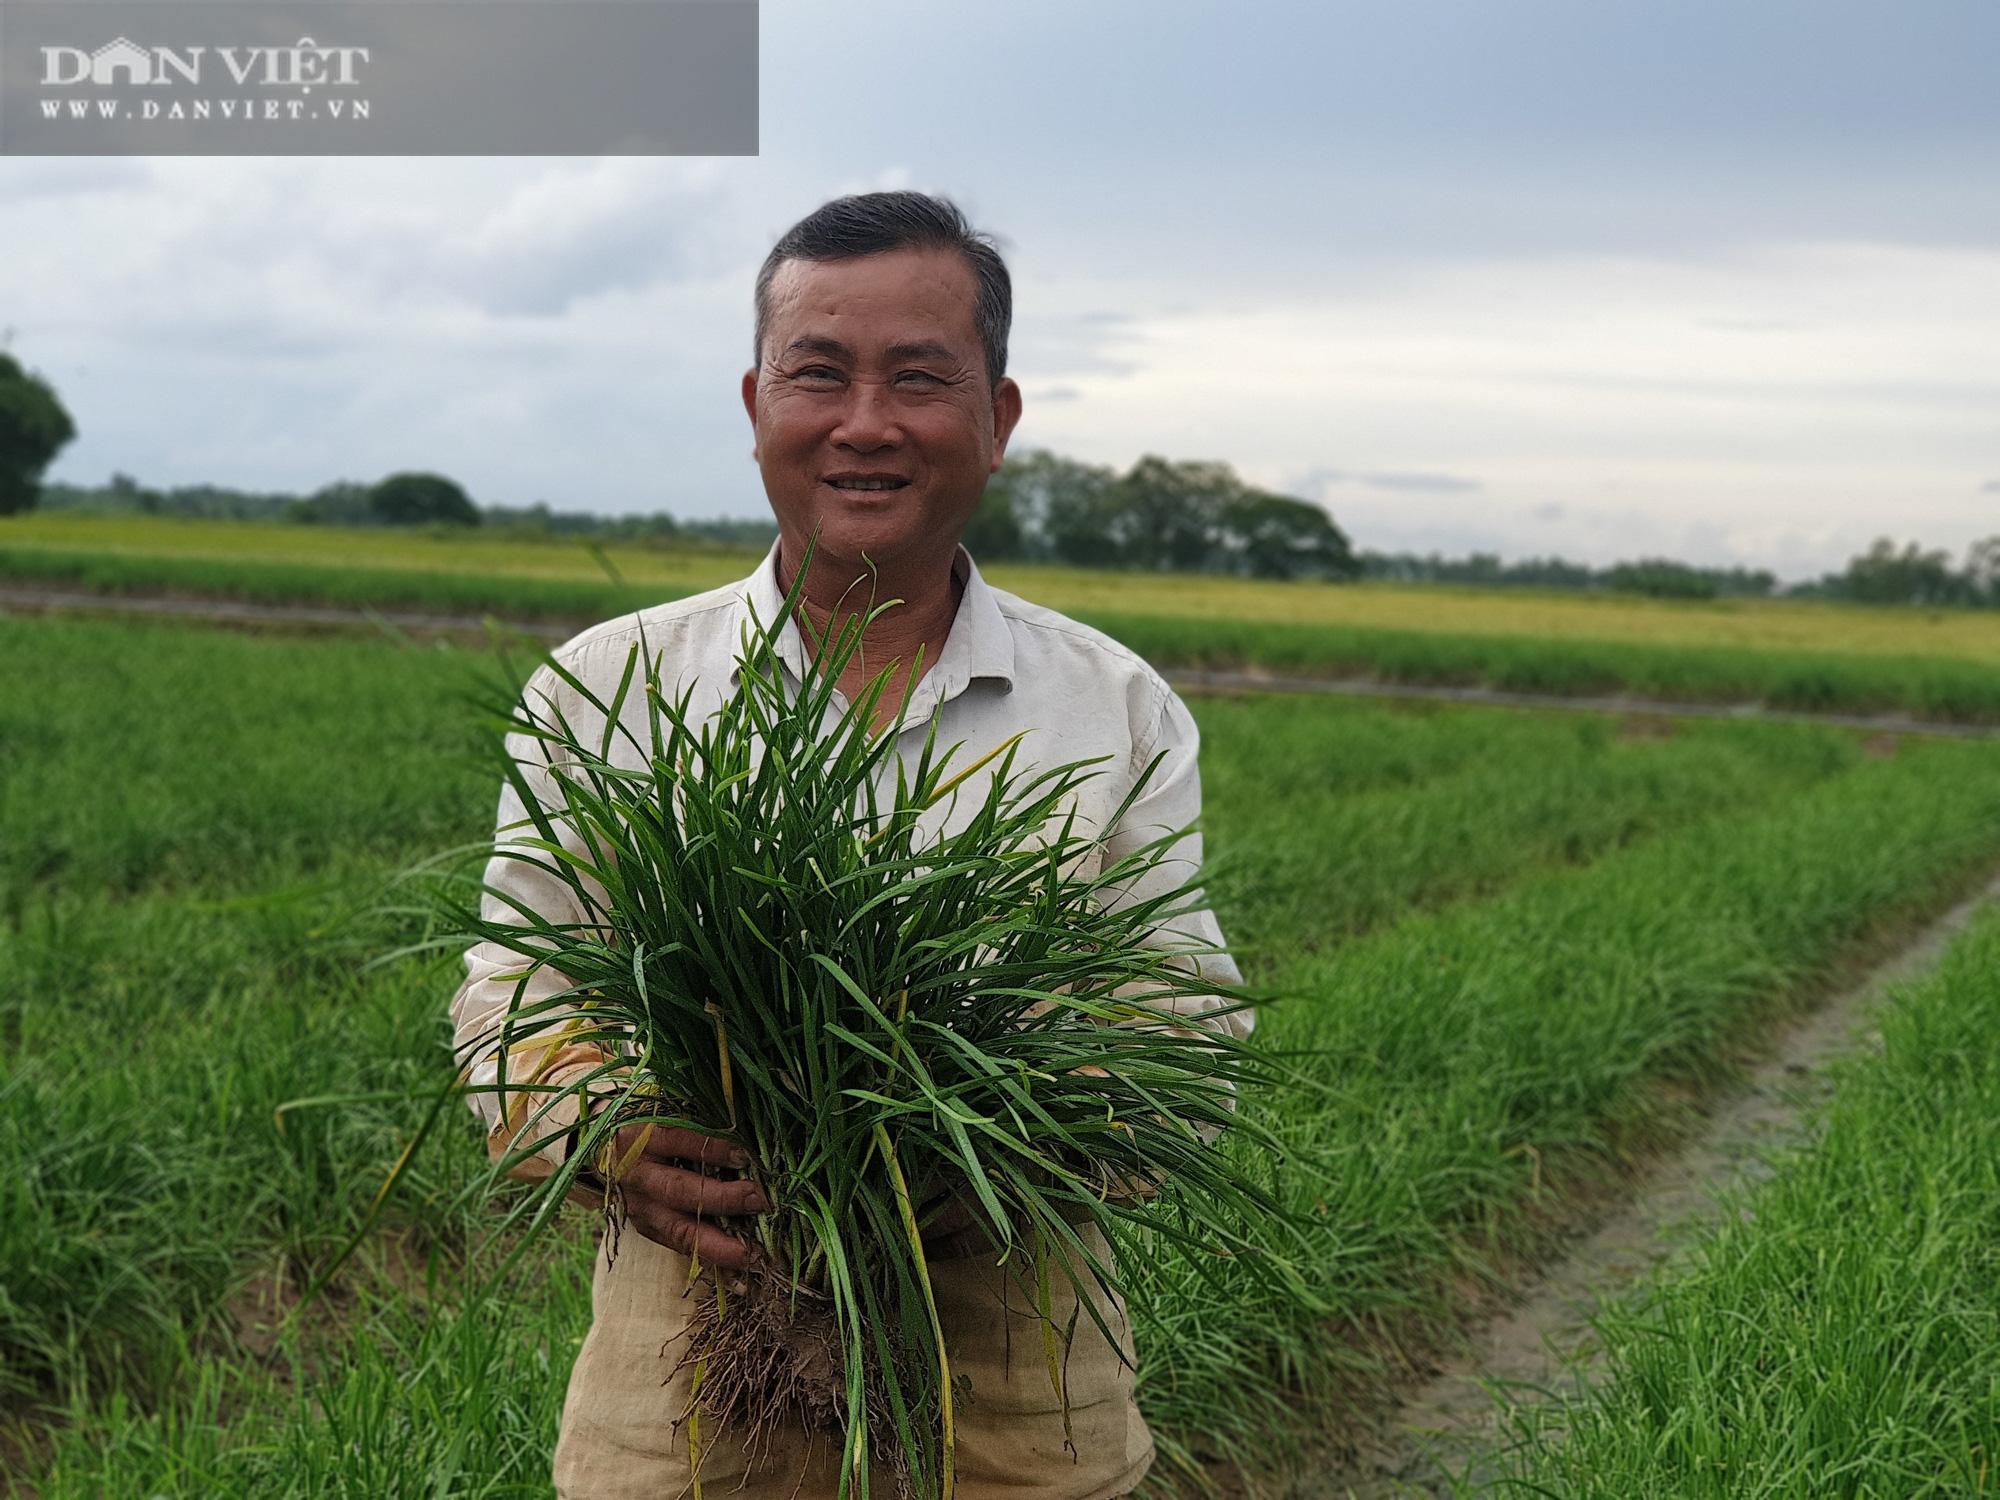 Lão nông ngủ chòi lá, chỉ trồng hẹ, trồng lúa nhưng có hàng tỷ đồng làm từ thiện - Ảnh 1.